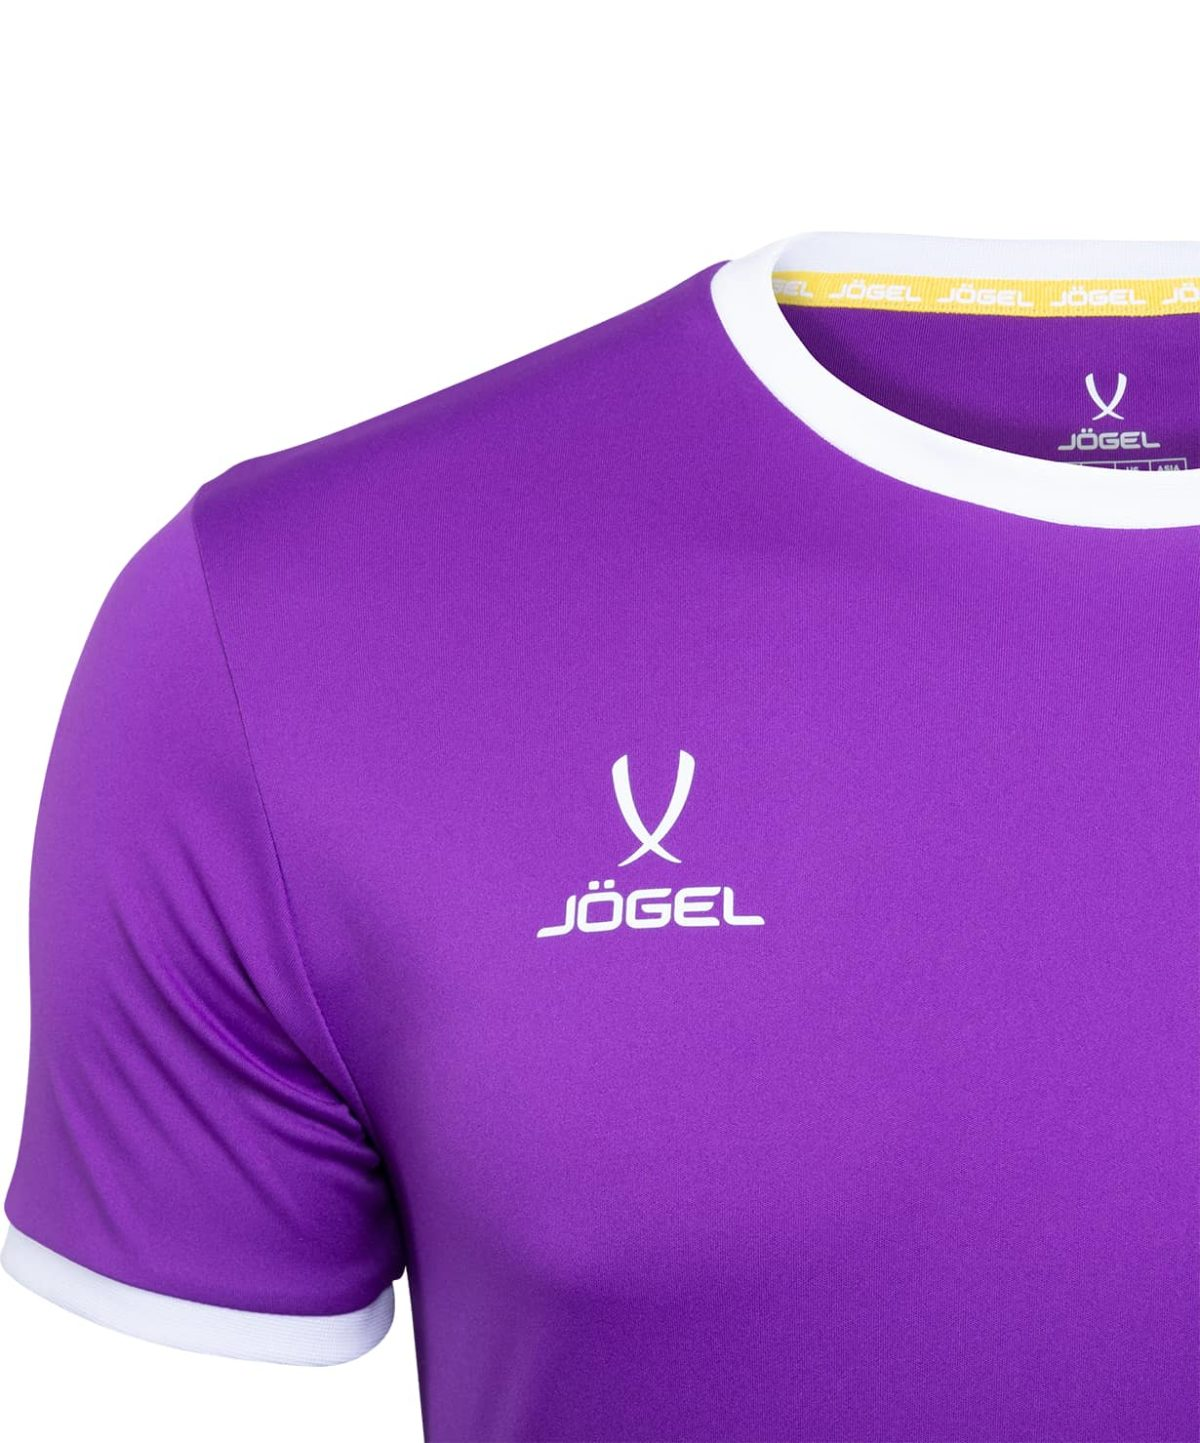 JOGEL CAMP Origin Футболка футбольная, фиолетовый/белый  JFT-1020-V1 - 3